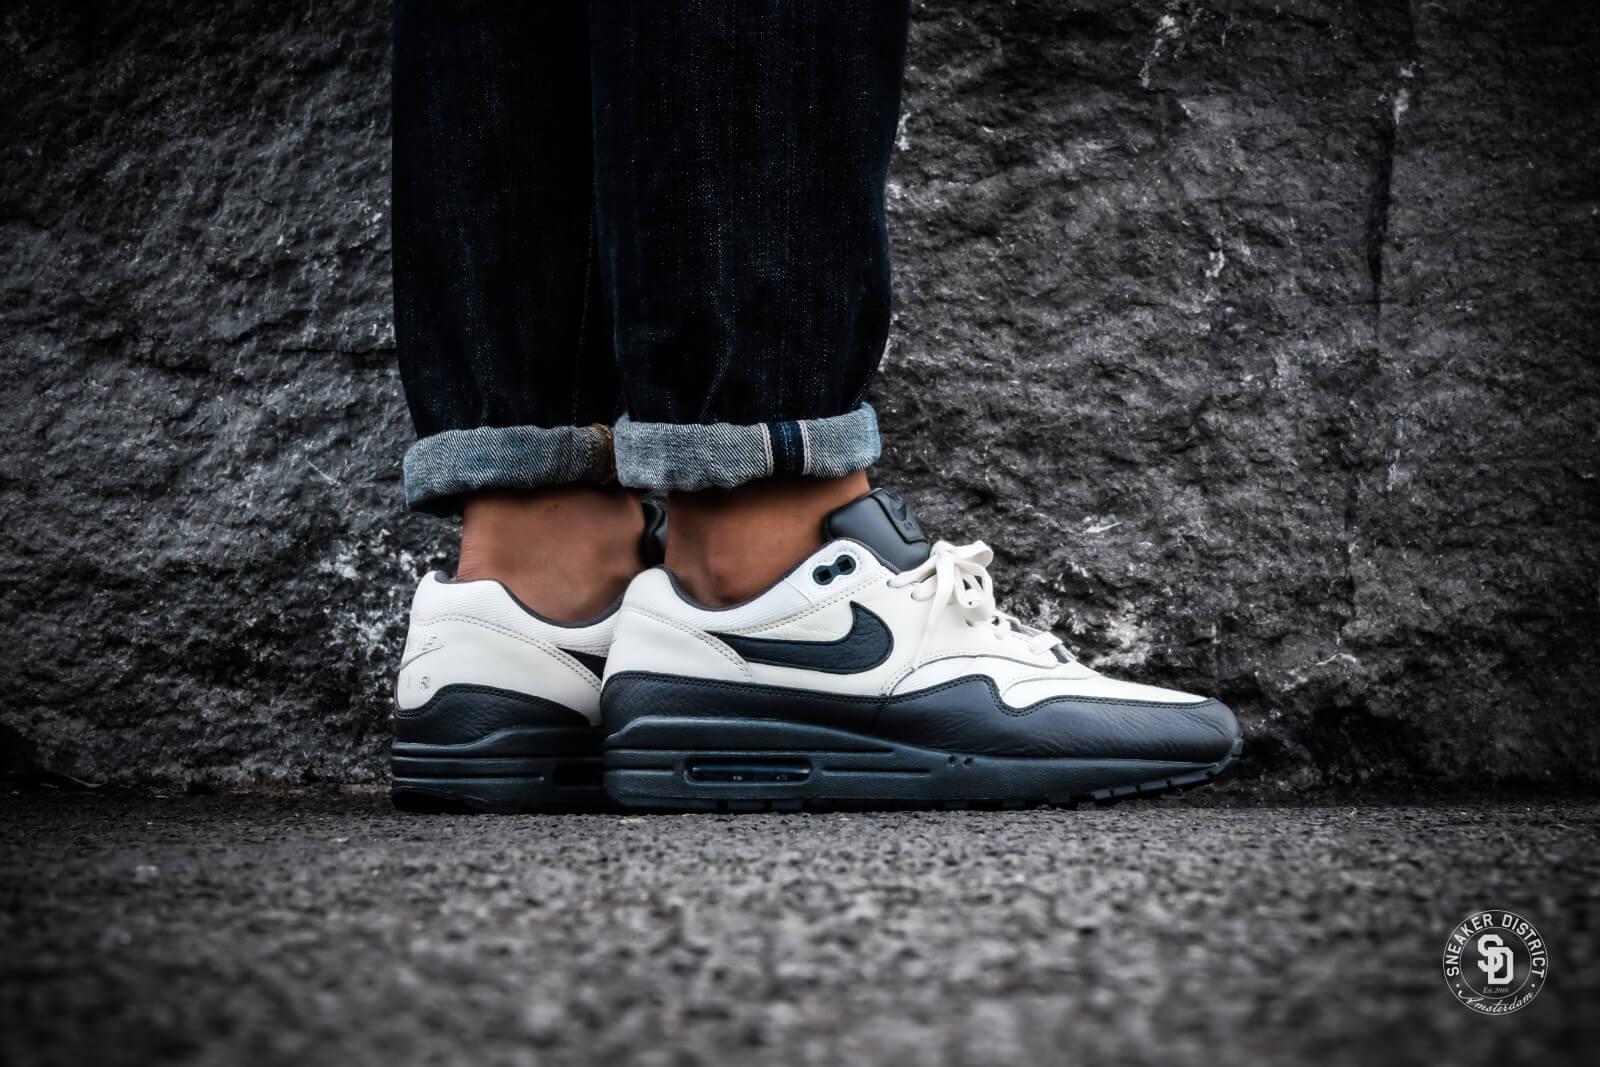 Nike Air Max 1 Premium (grau weiß) 875844 100